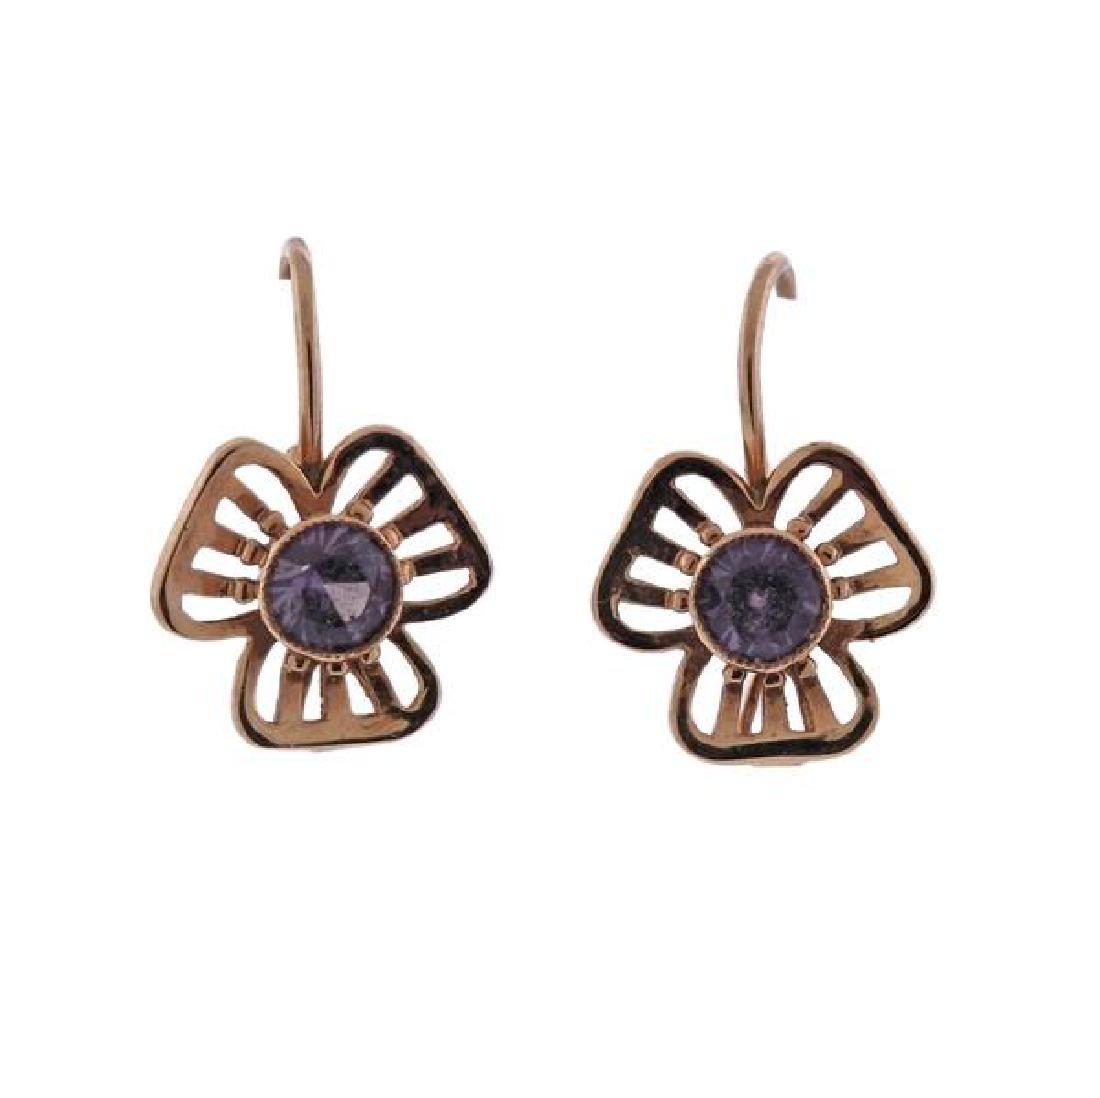 Russian 14K Gold Purple Gemstone Earrings